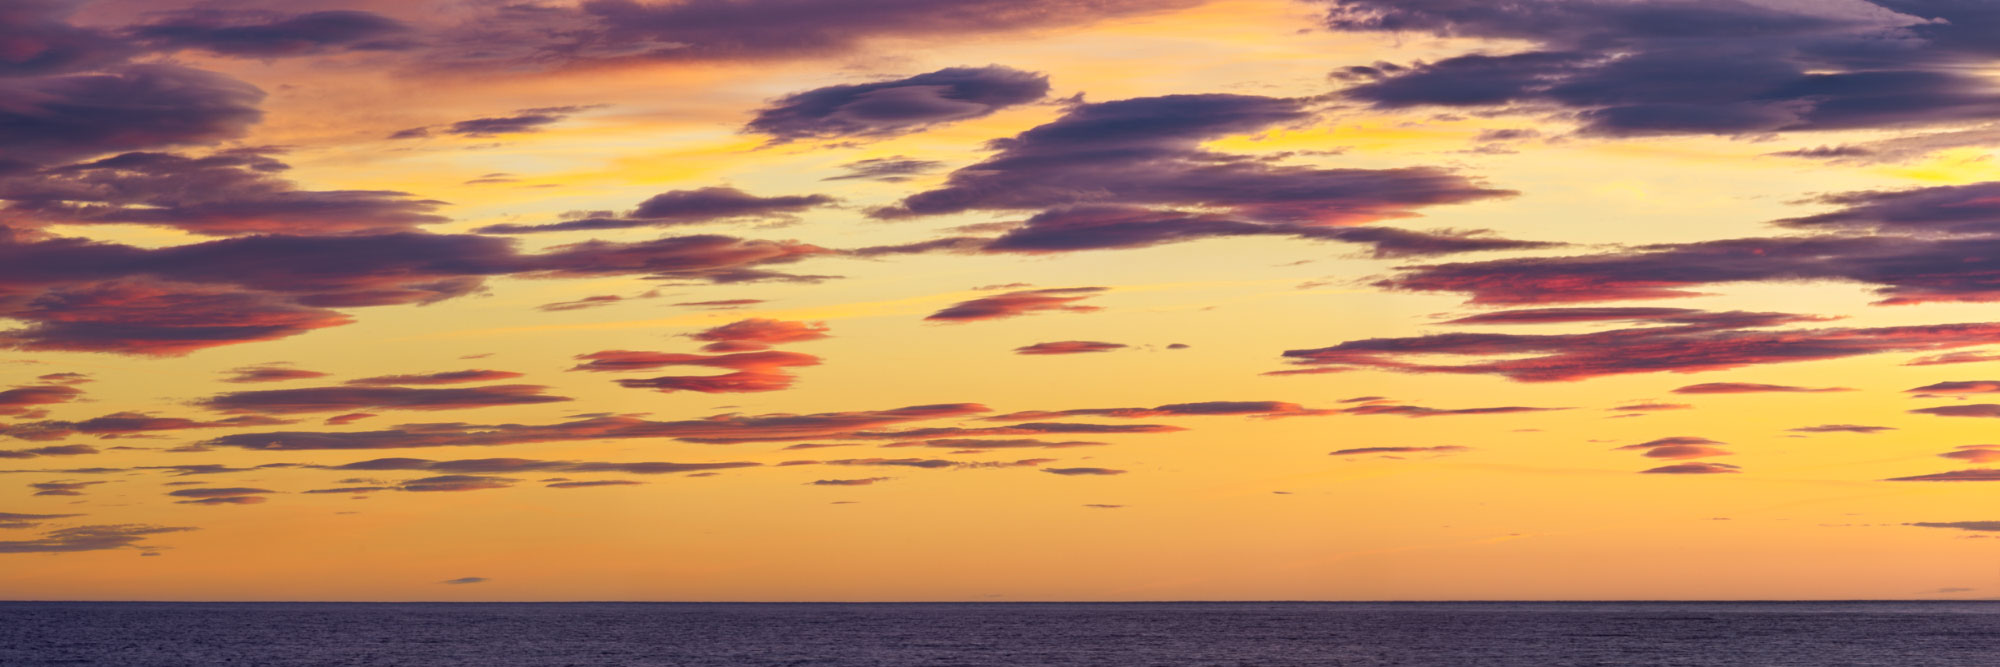 Coucher de soleil à Sainte-Marie-de-la-Mer